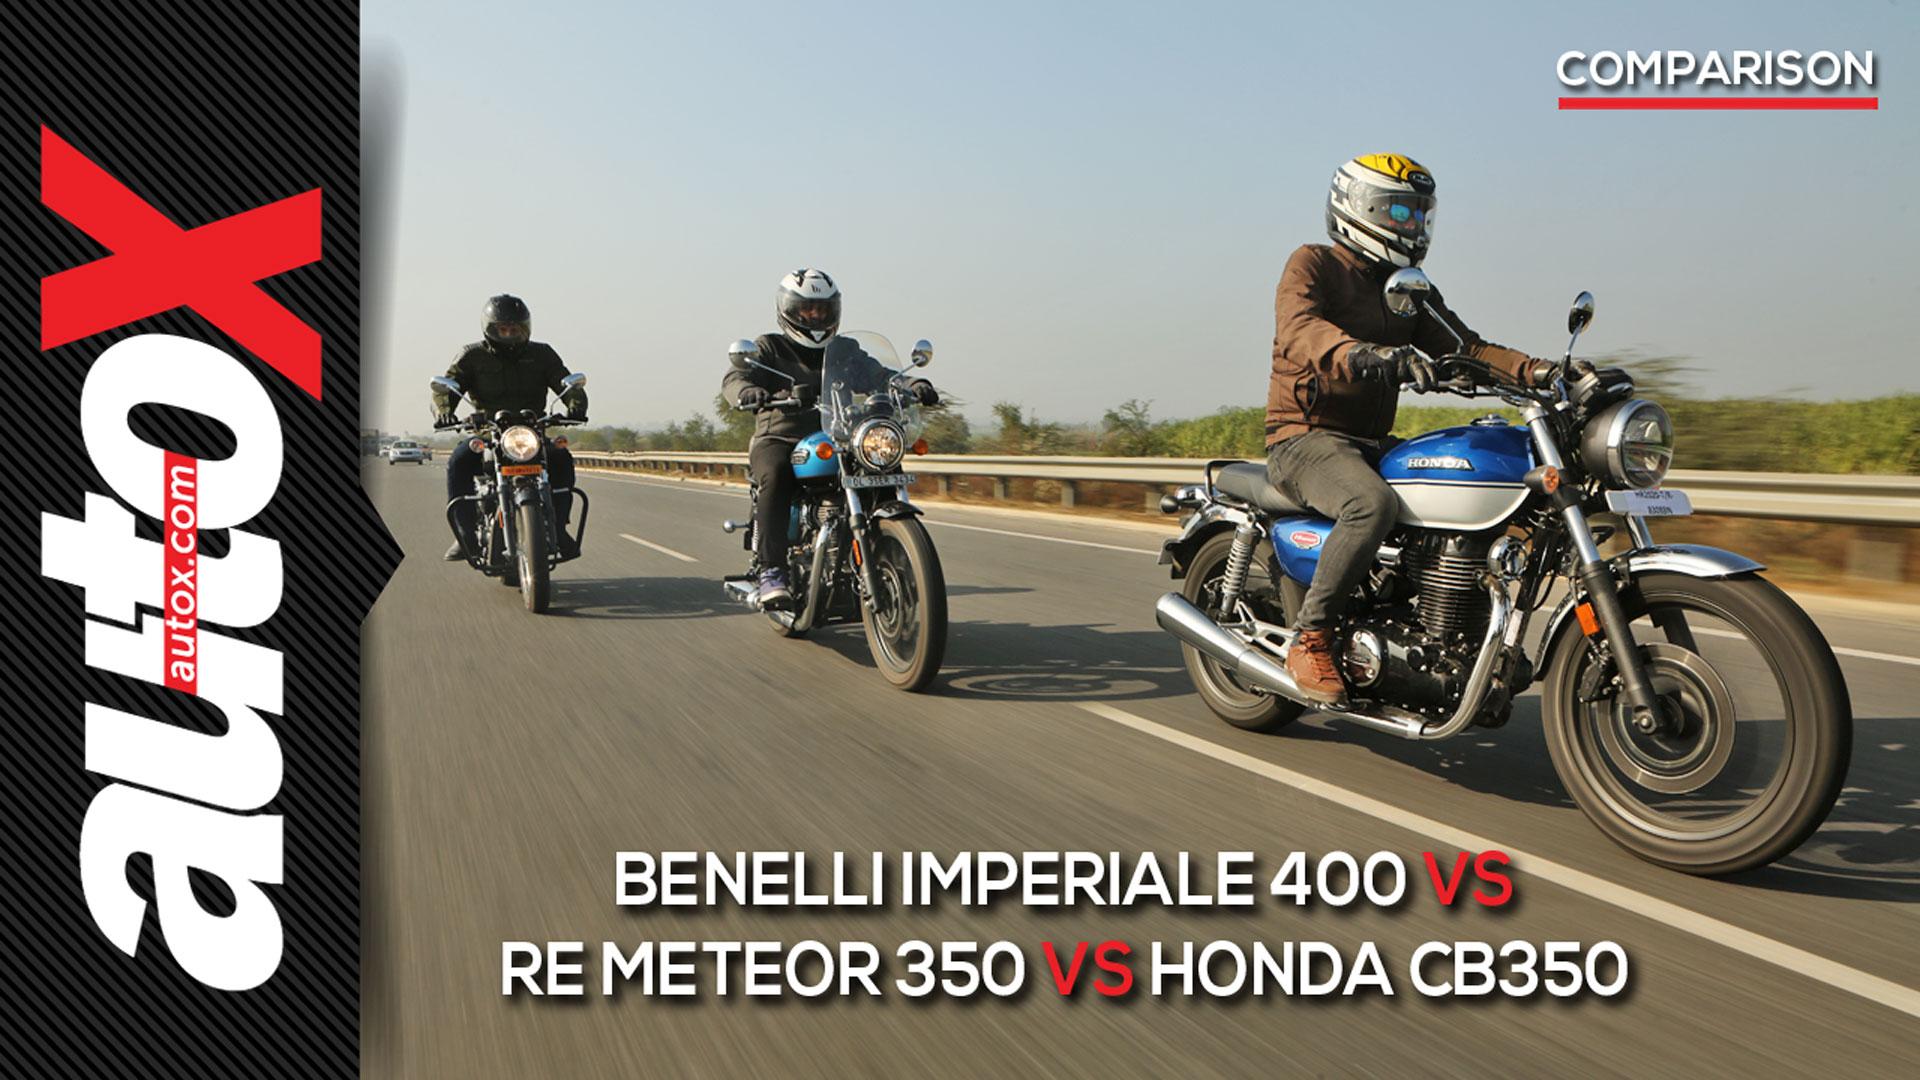 Benelli Imperiale vs RE Meteor 350 vs Honda CB350 Comparison | autoX